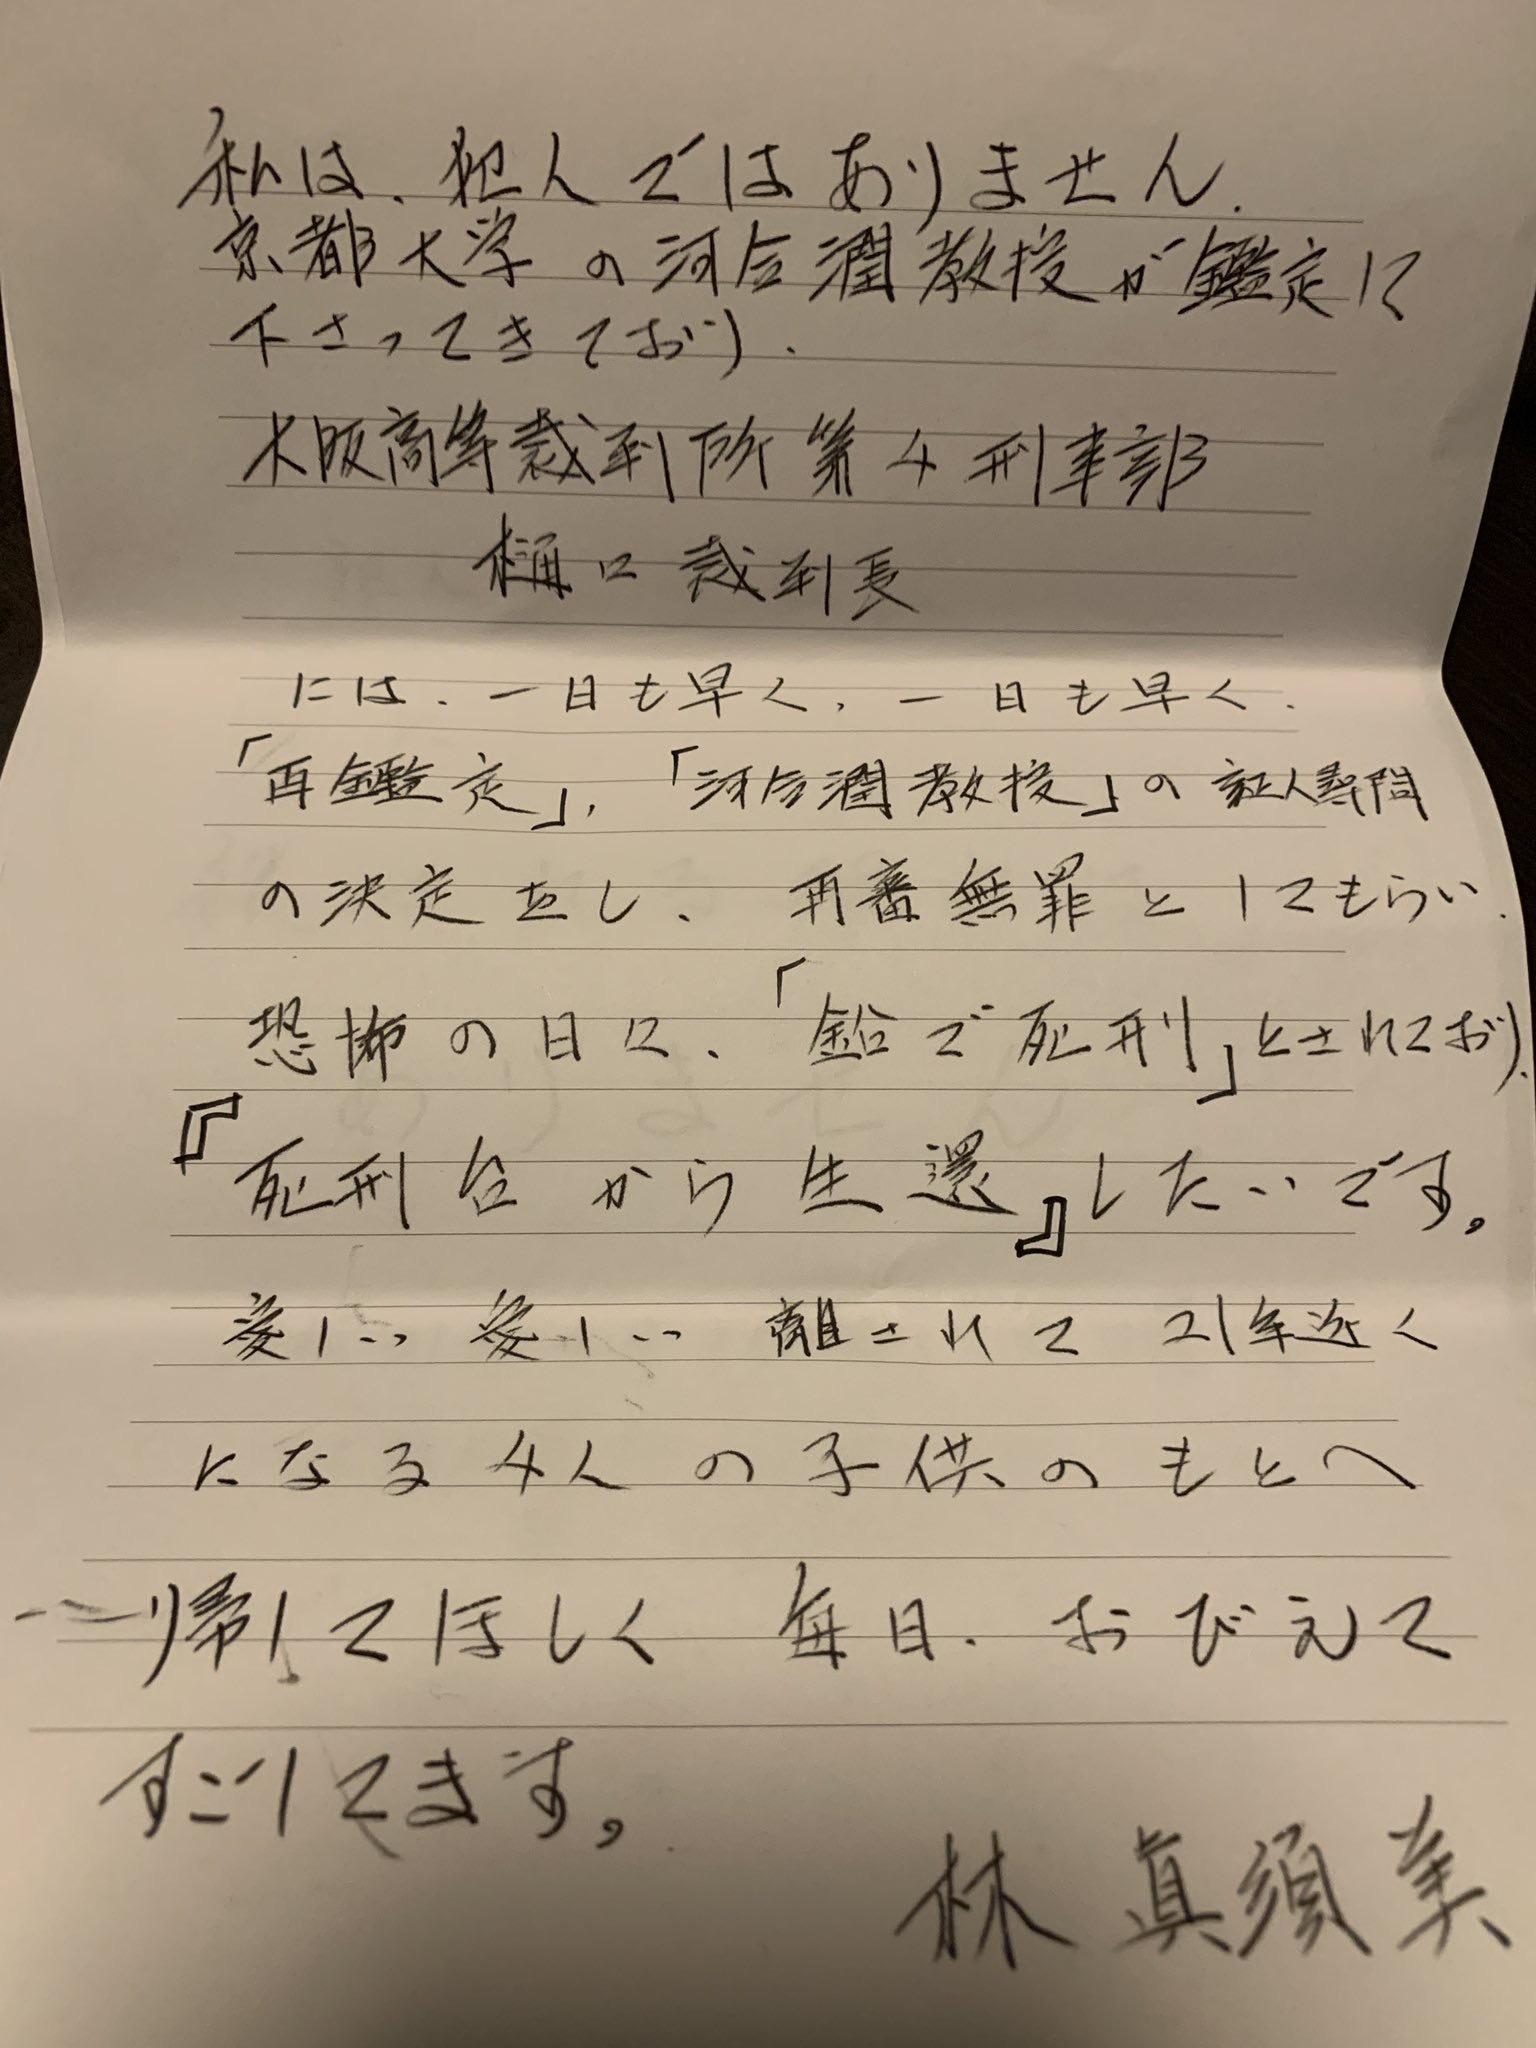 林真須美が長男に自筆の手紙を送ってきているのを長男がツィッターで発信しているそのため冤罪説が再浮上している。